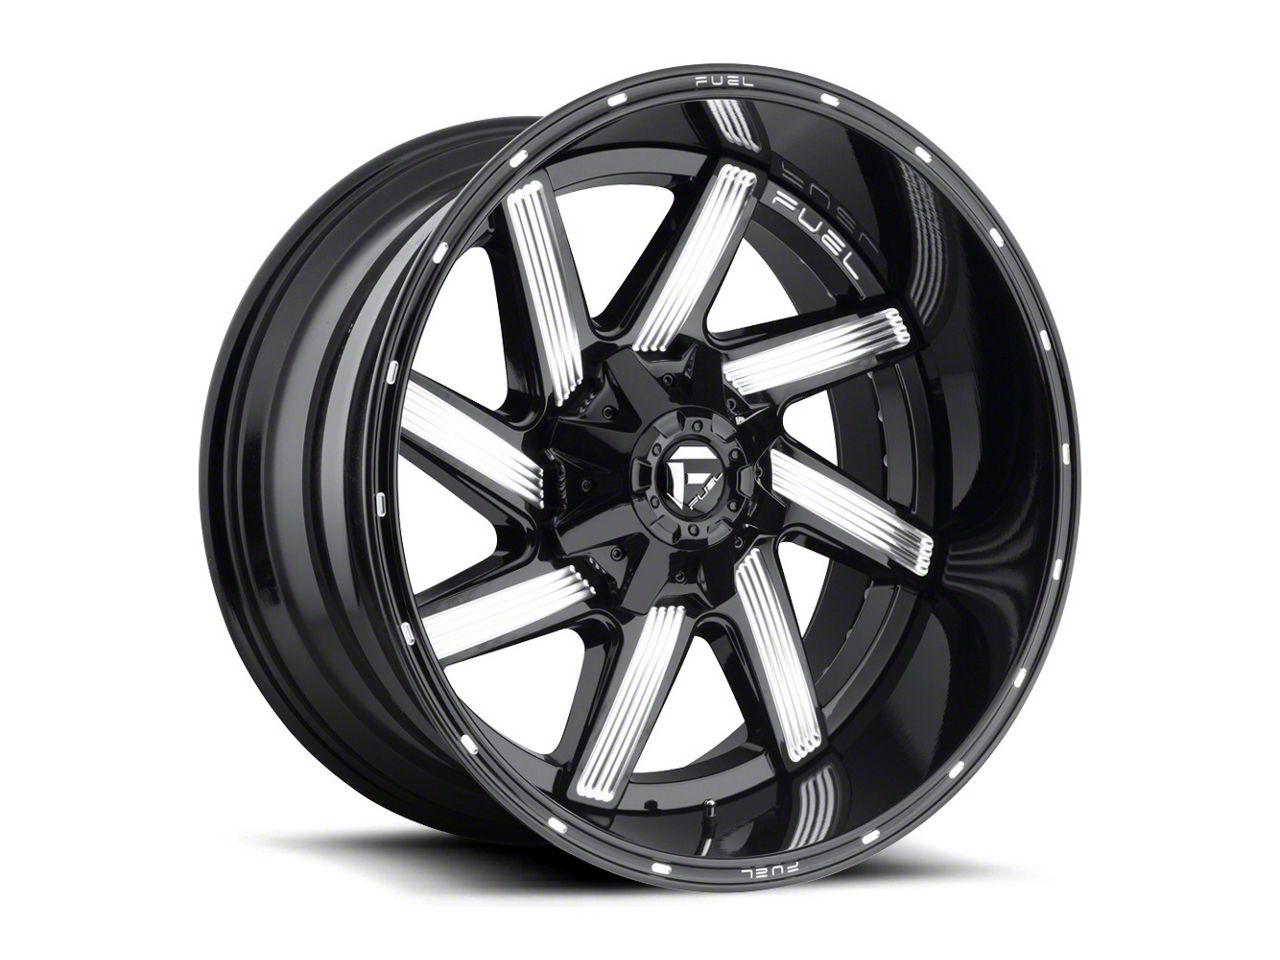 Fuel Wheels Moab Gloss Black Milled 6-Lug Wheel - 22x12 (99-18 Silverado 1500)